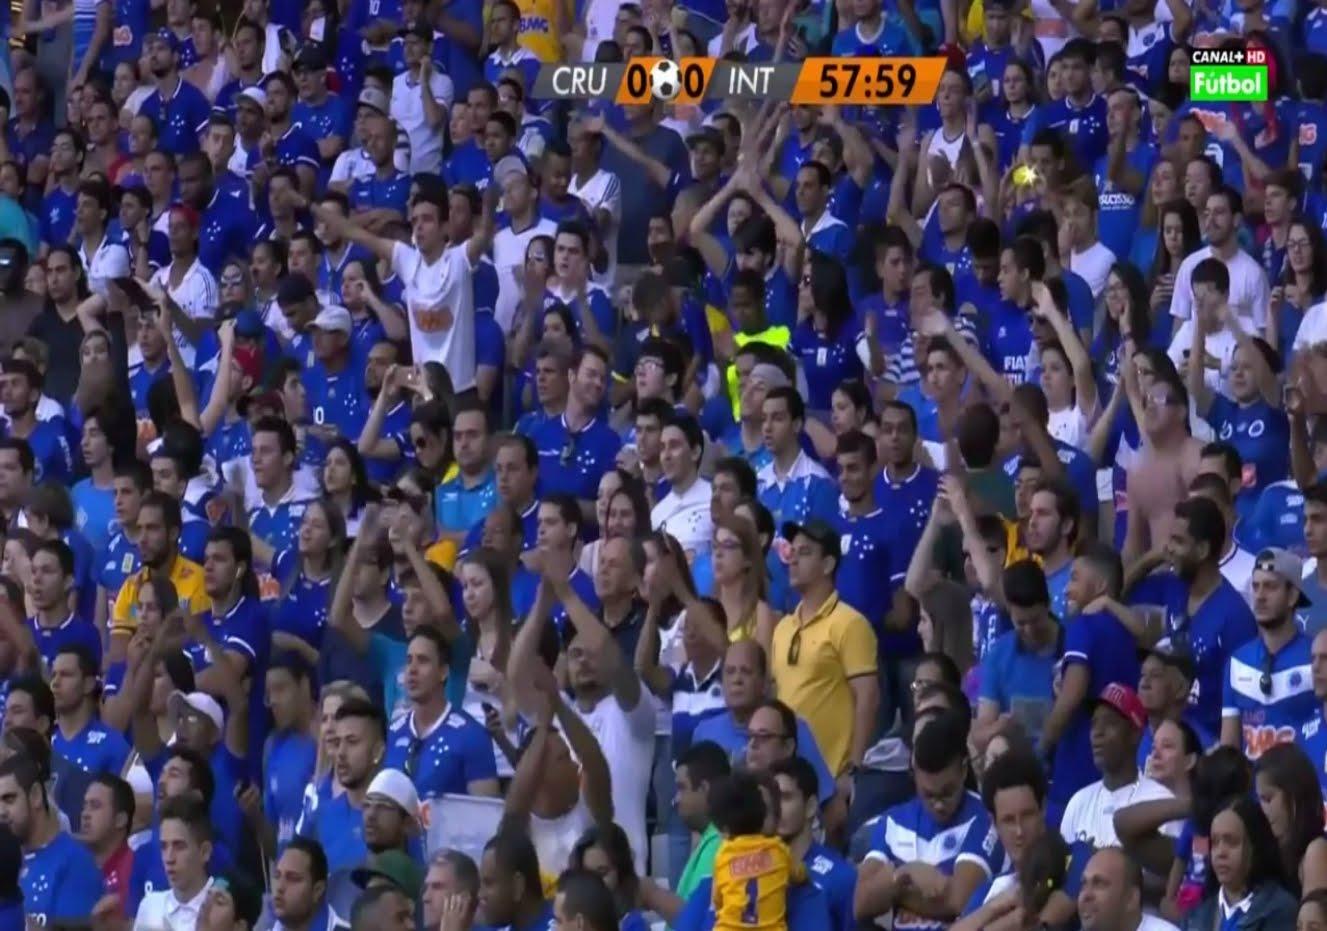 جماهير كروزيرو تتغنى بالخضراء الوطنية'' البرازيلية ''